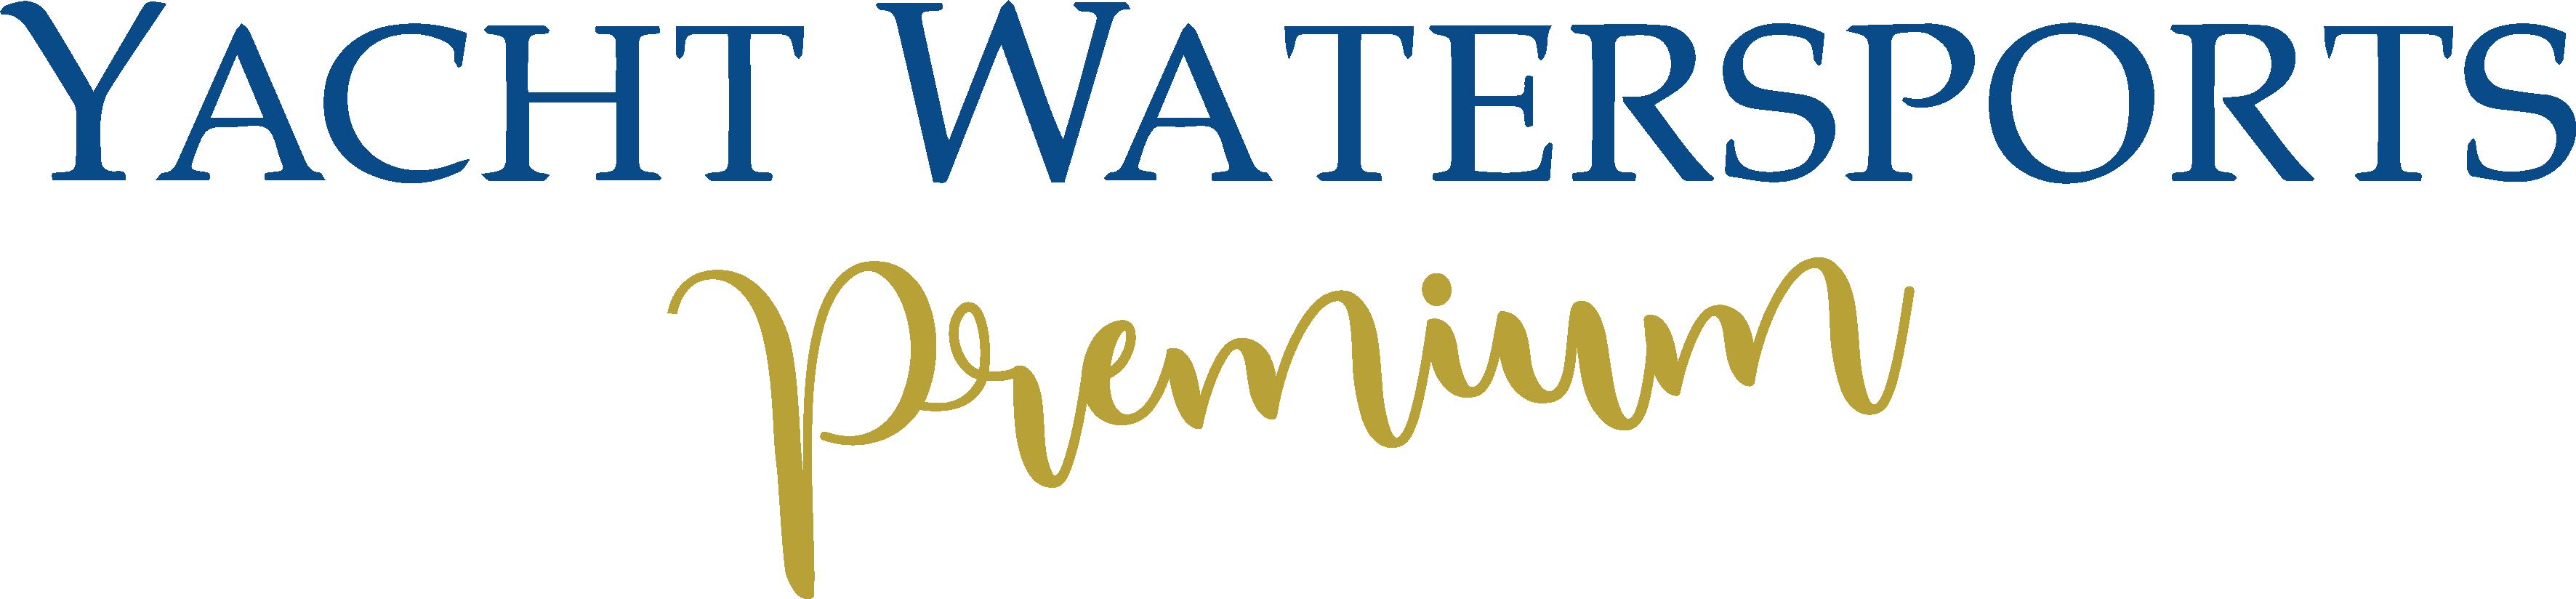 Yacht Watersports ibiza